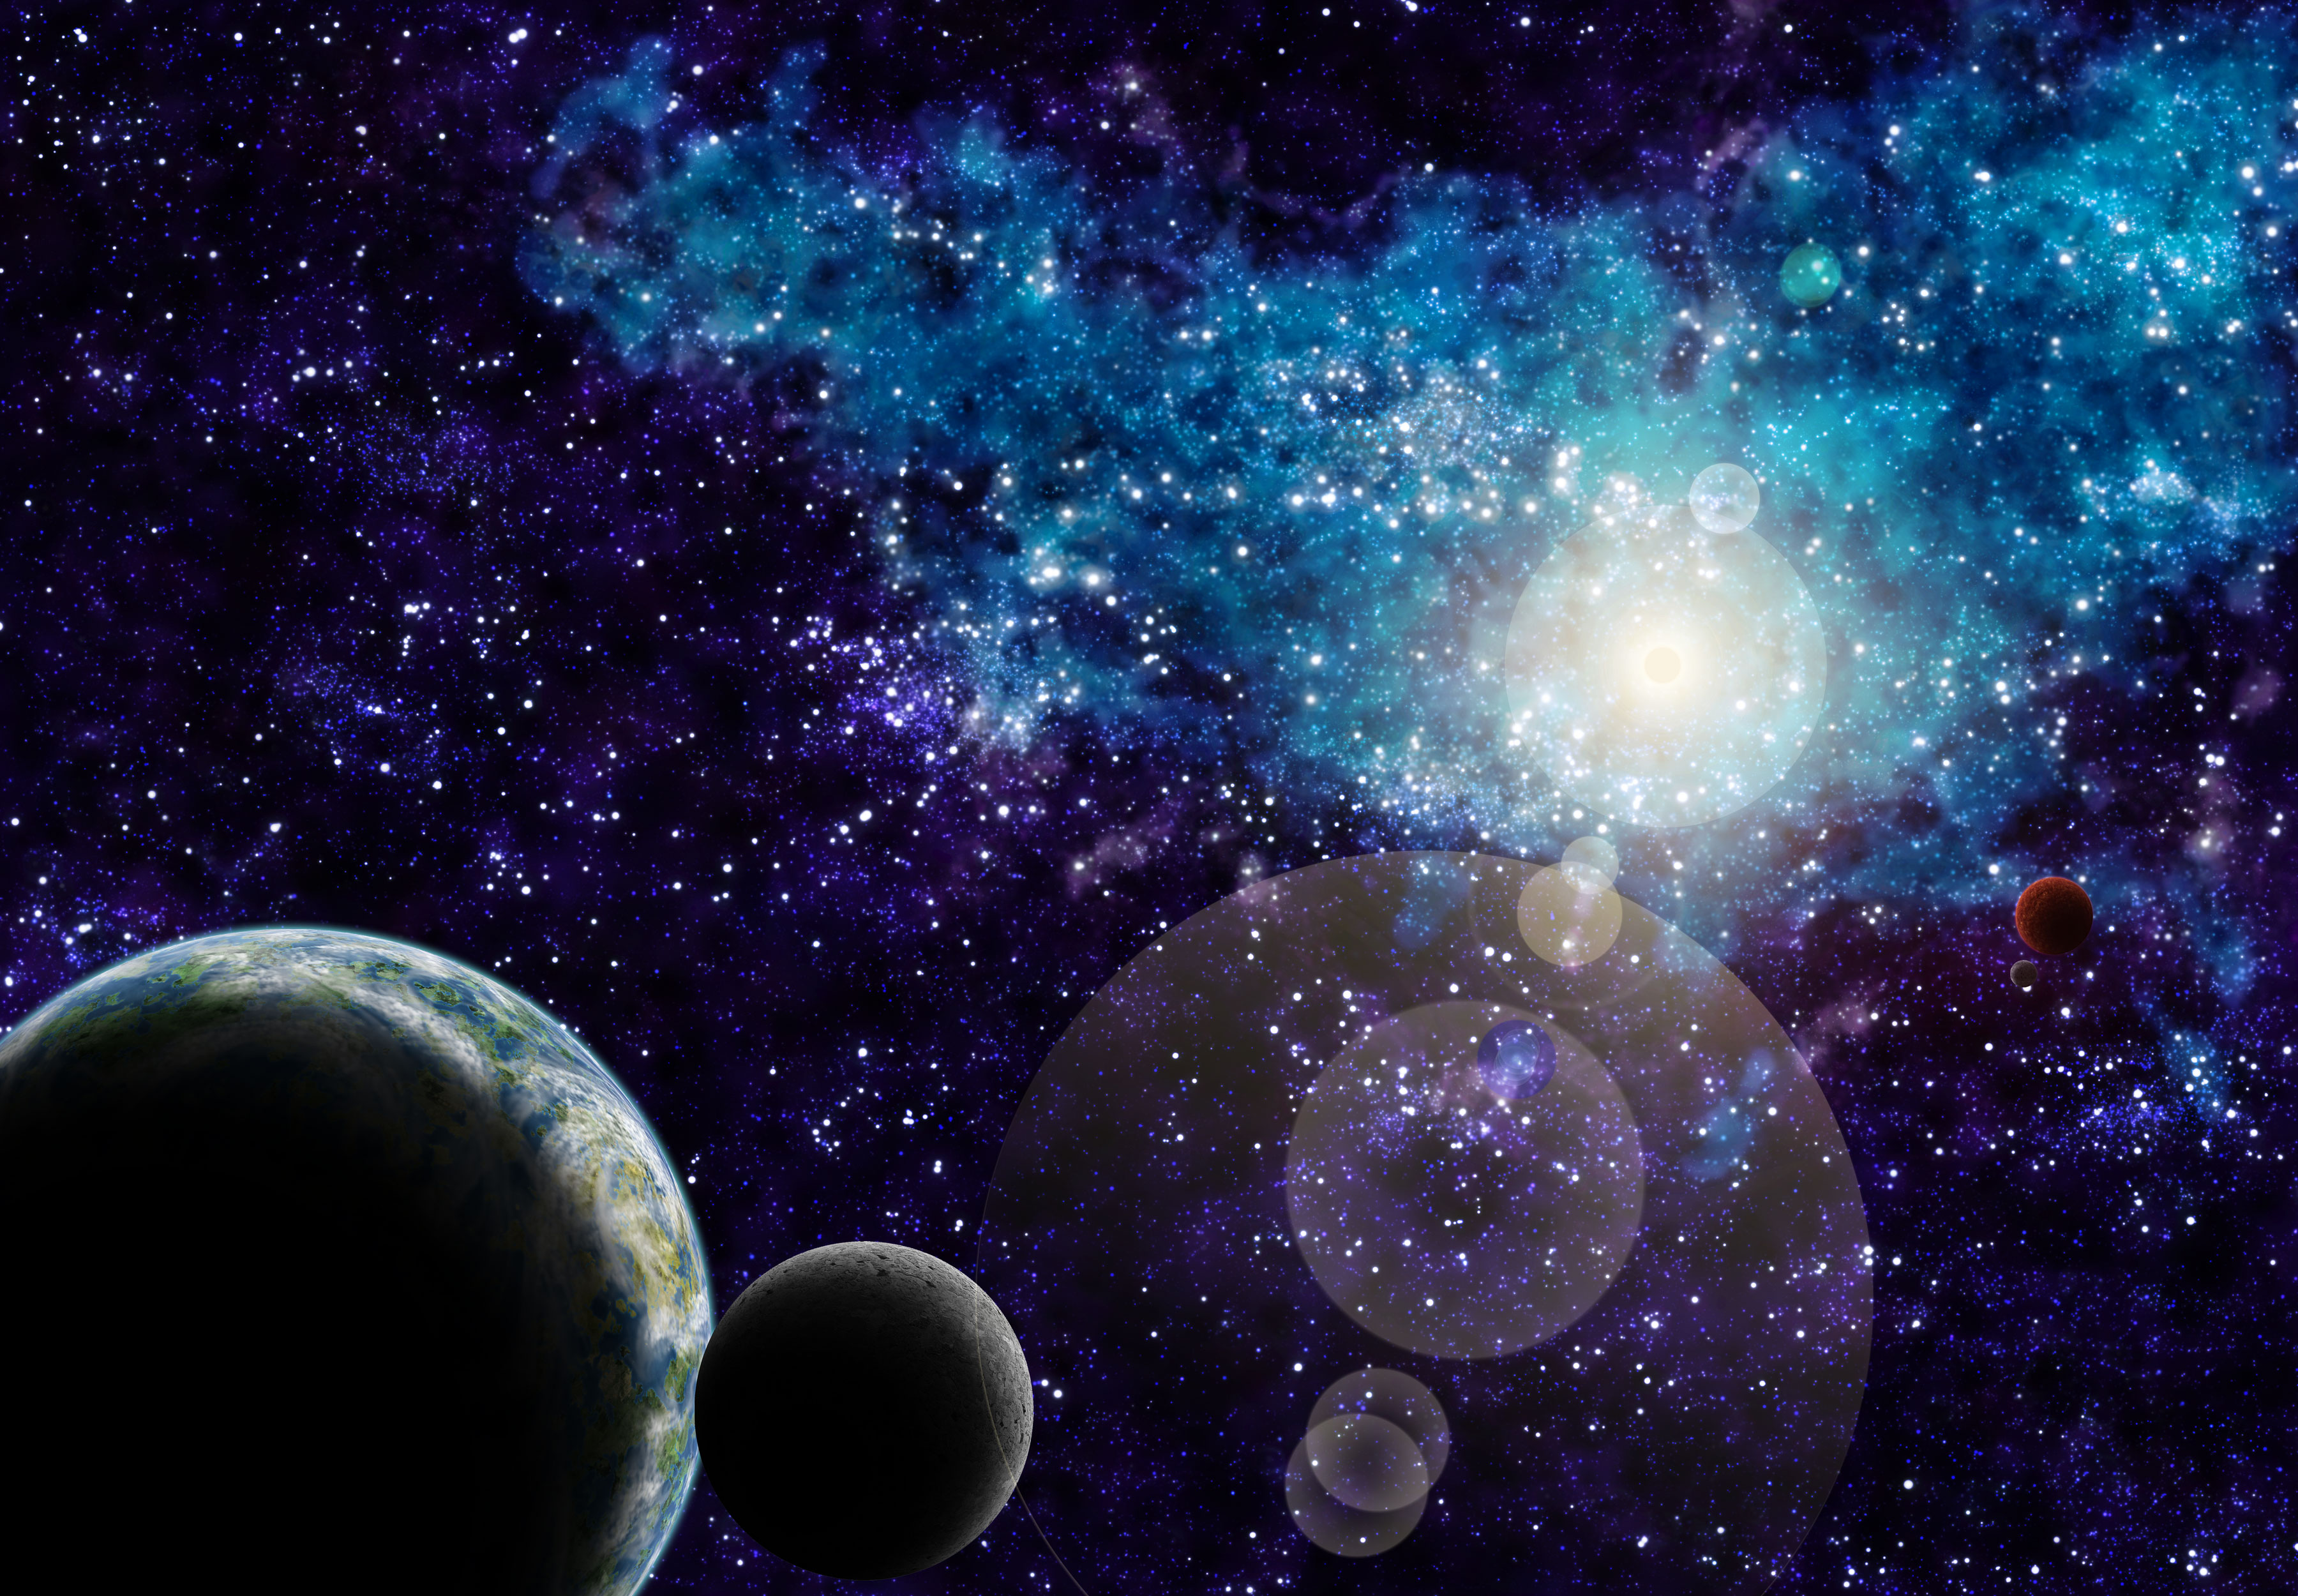 space scene by trismugistus on DeviantArt